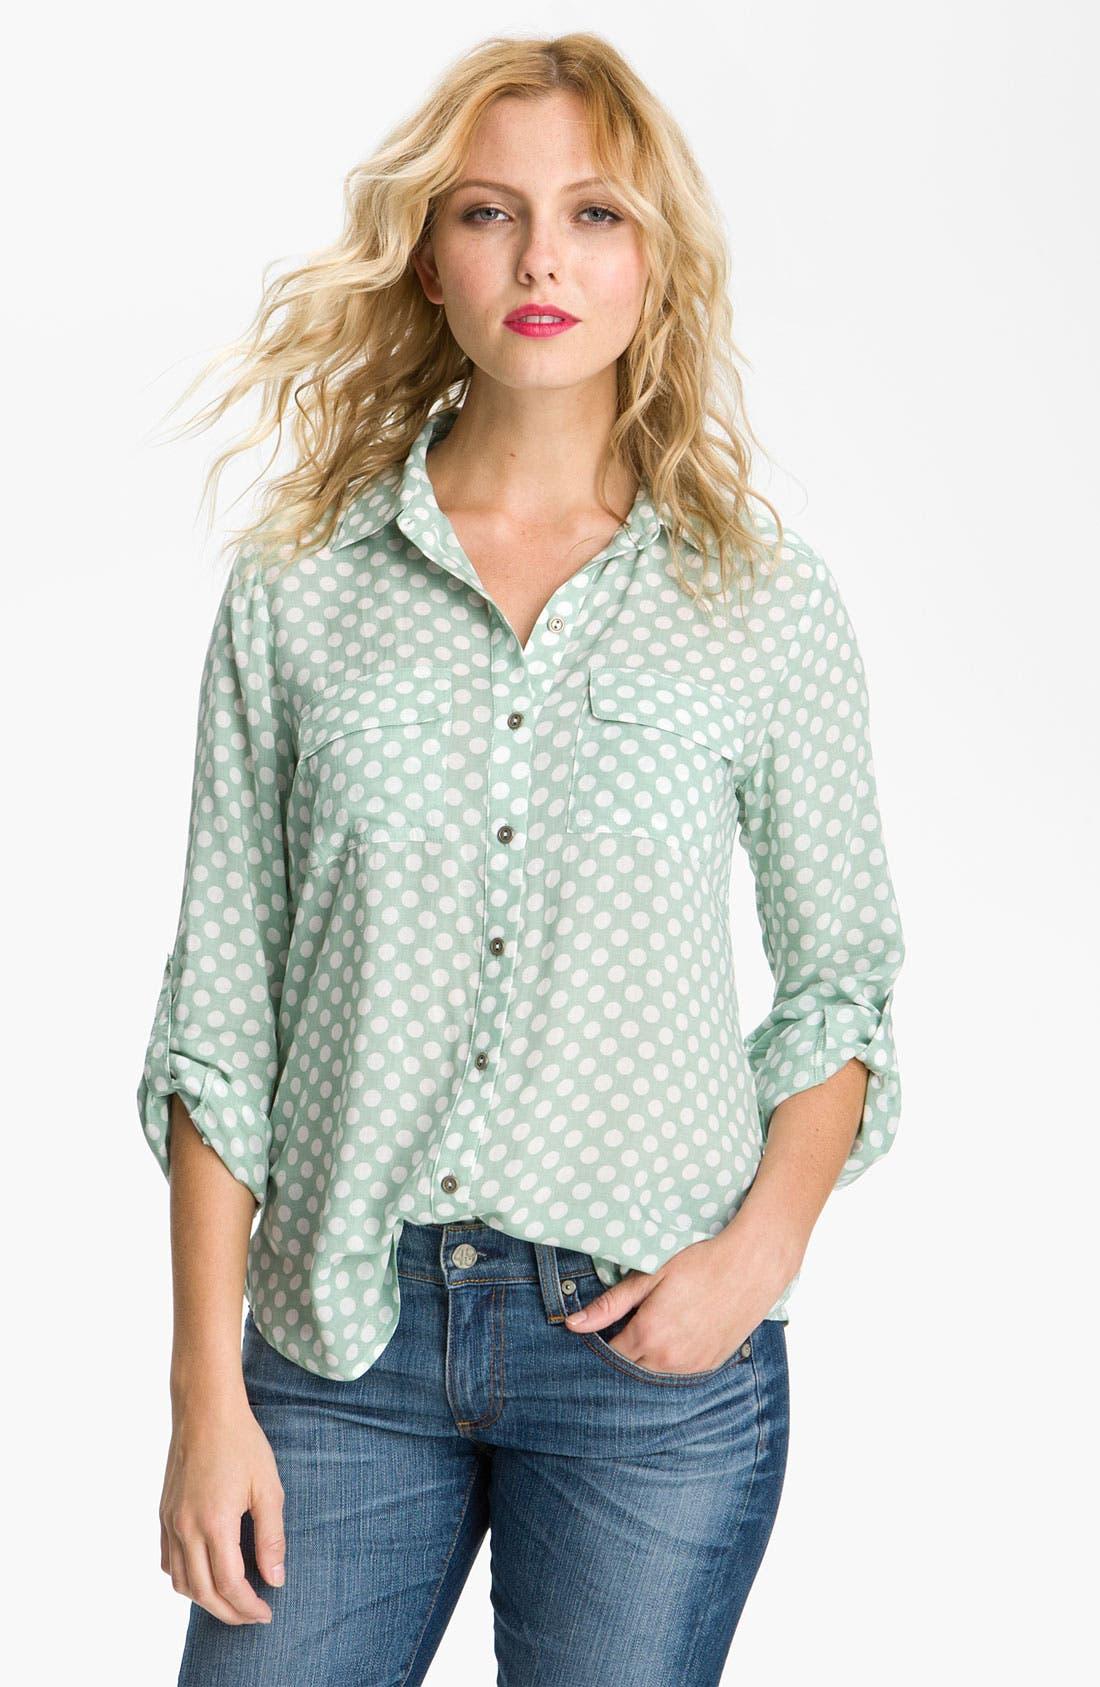 Main Image - Gibson Polka Dot Pocket Shirt